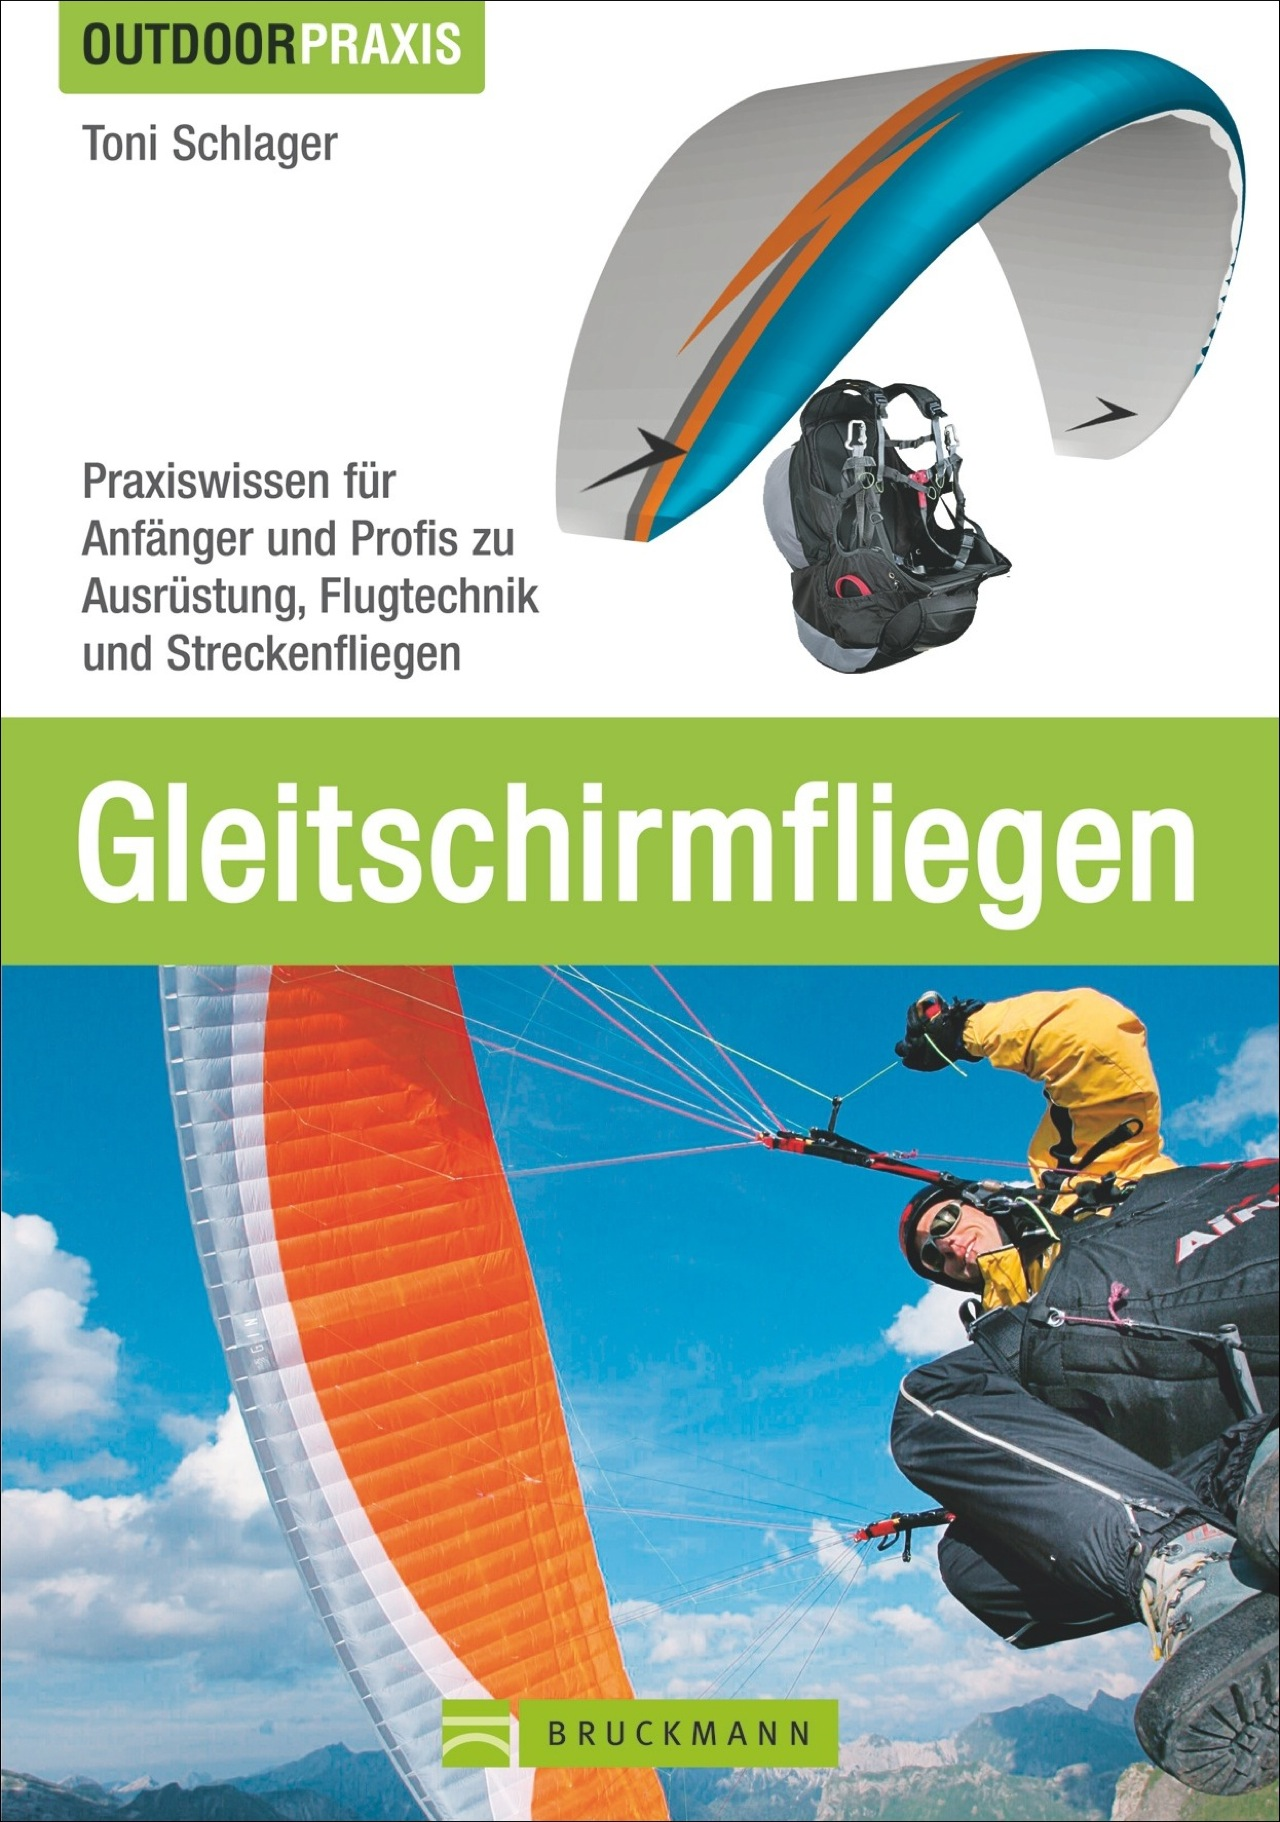 Gleitschirmfliegen: Praxiswissen für Anfänger und Profis zu Ausrüstung, Flugtechnik und Streckenfliegen - Toni Schlager